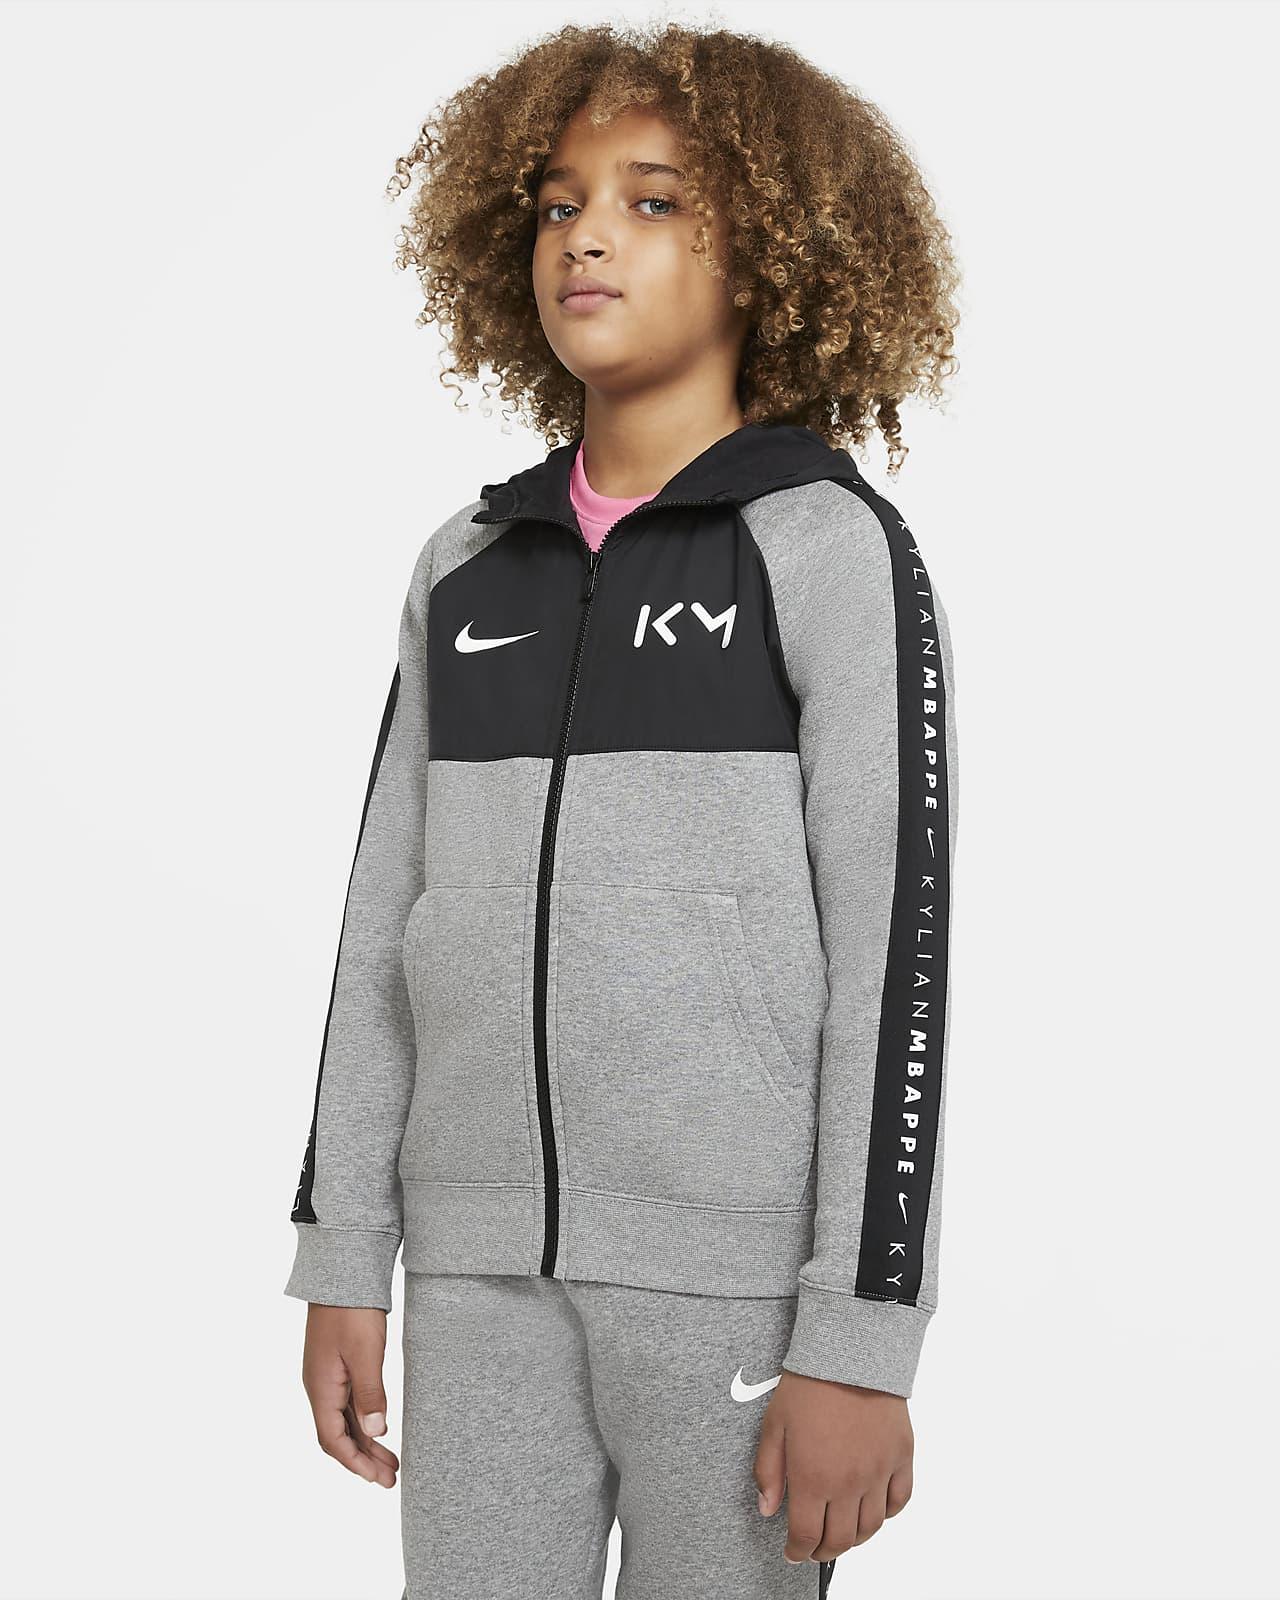 Kylian Mbappé 大童(男孩)全长拉链开襟起绒足球连帽衫